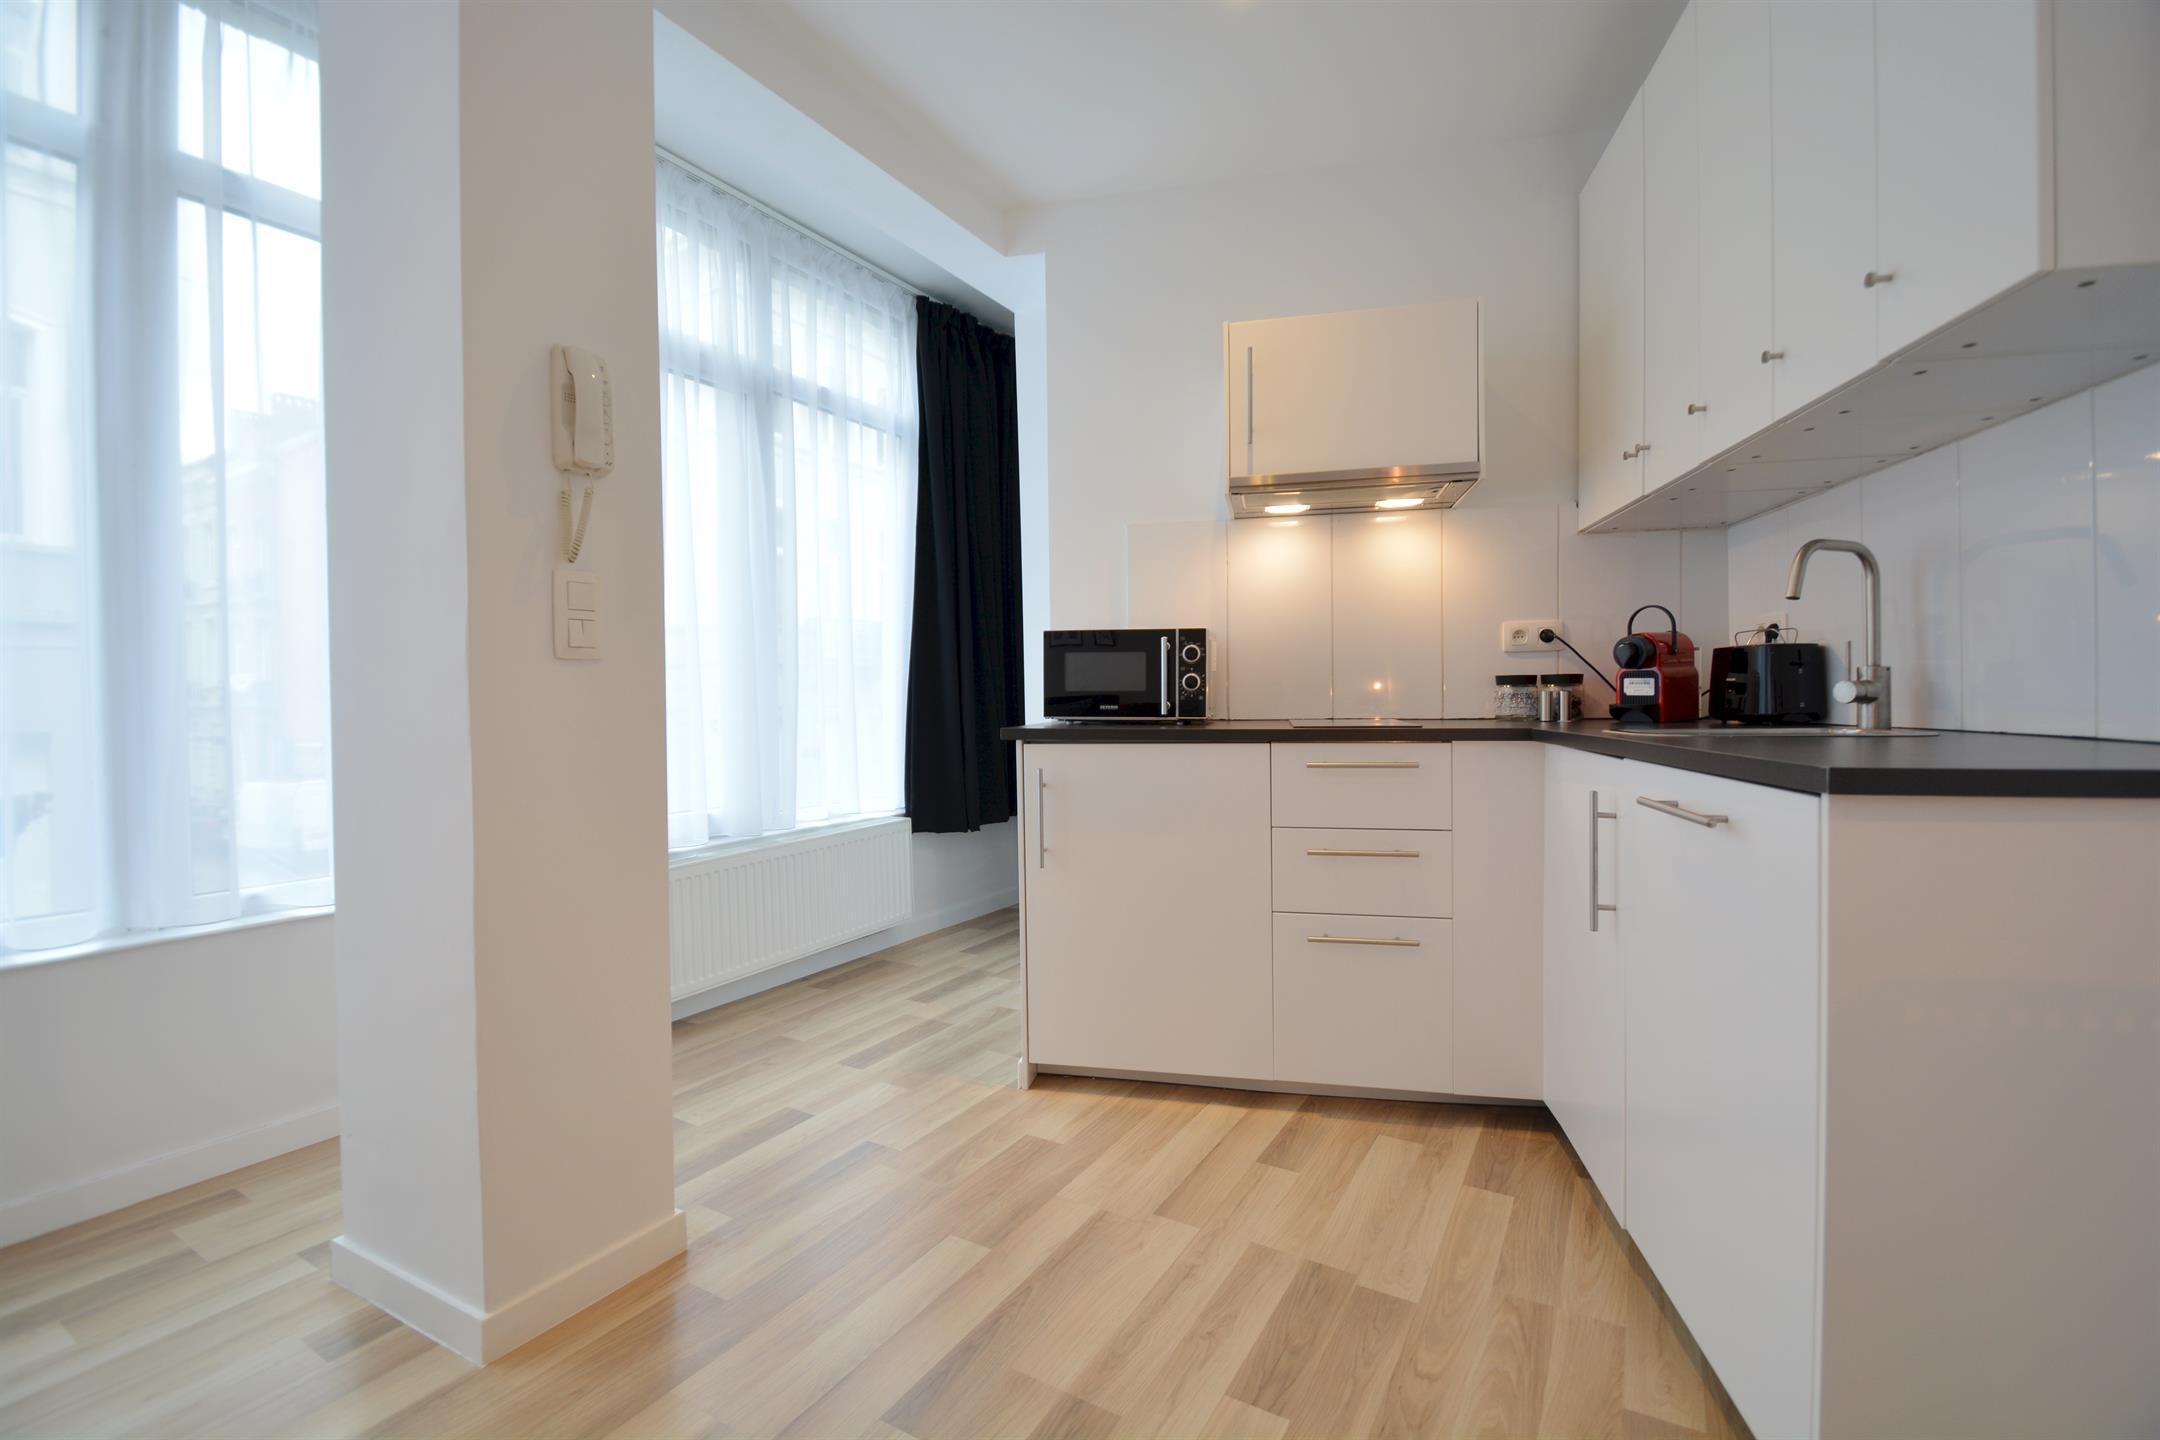 Appartement - Saint-Josse-ten-Noode - #4035614-3